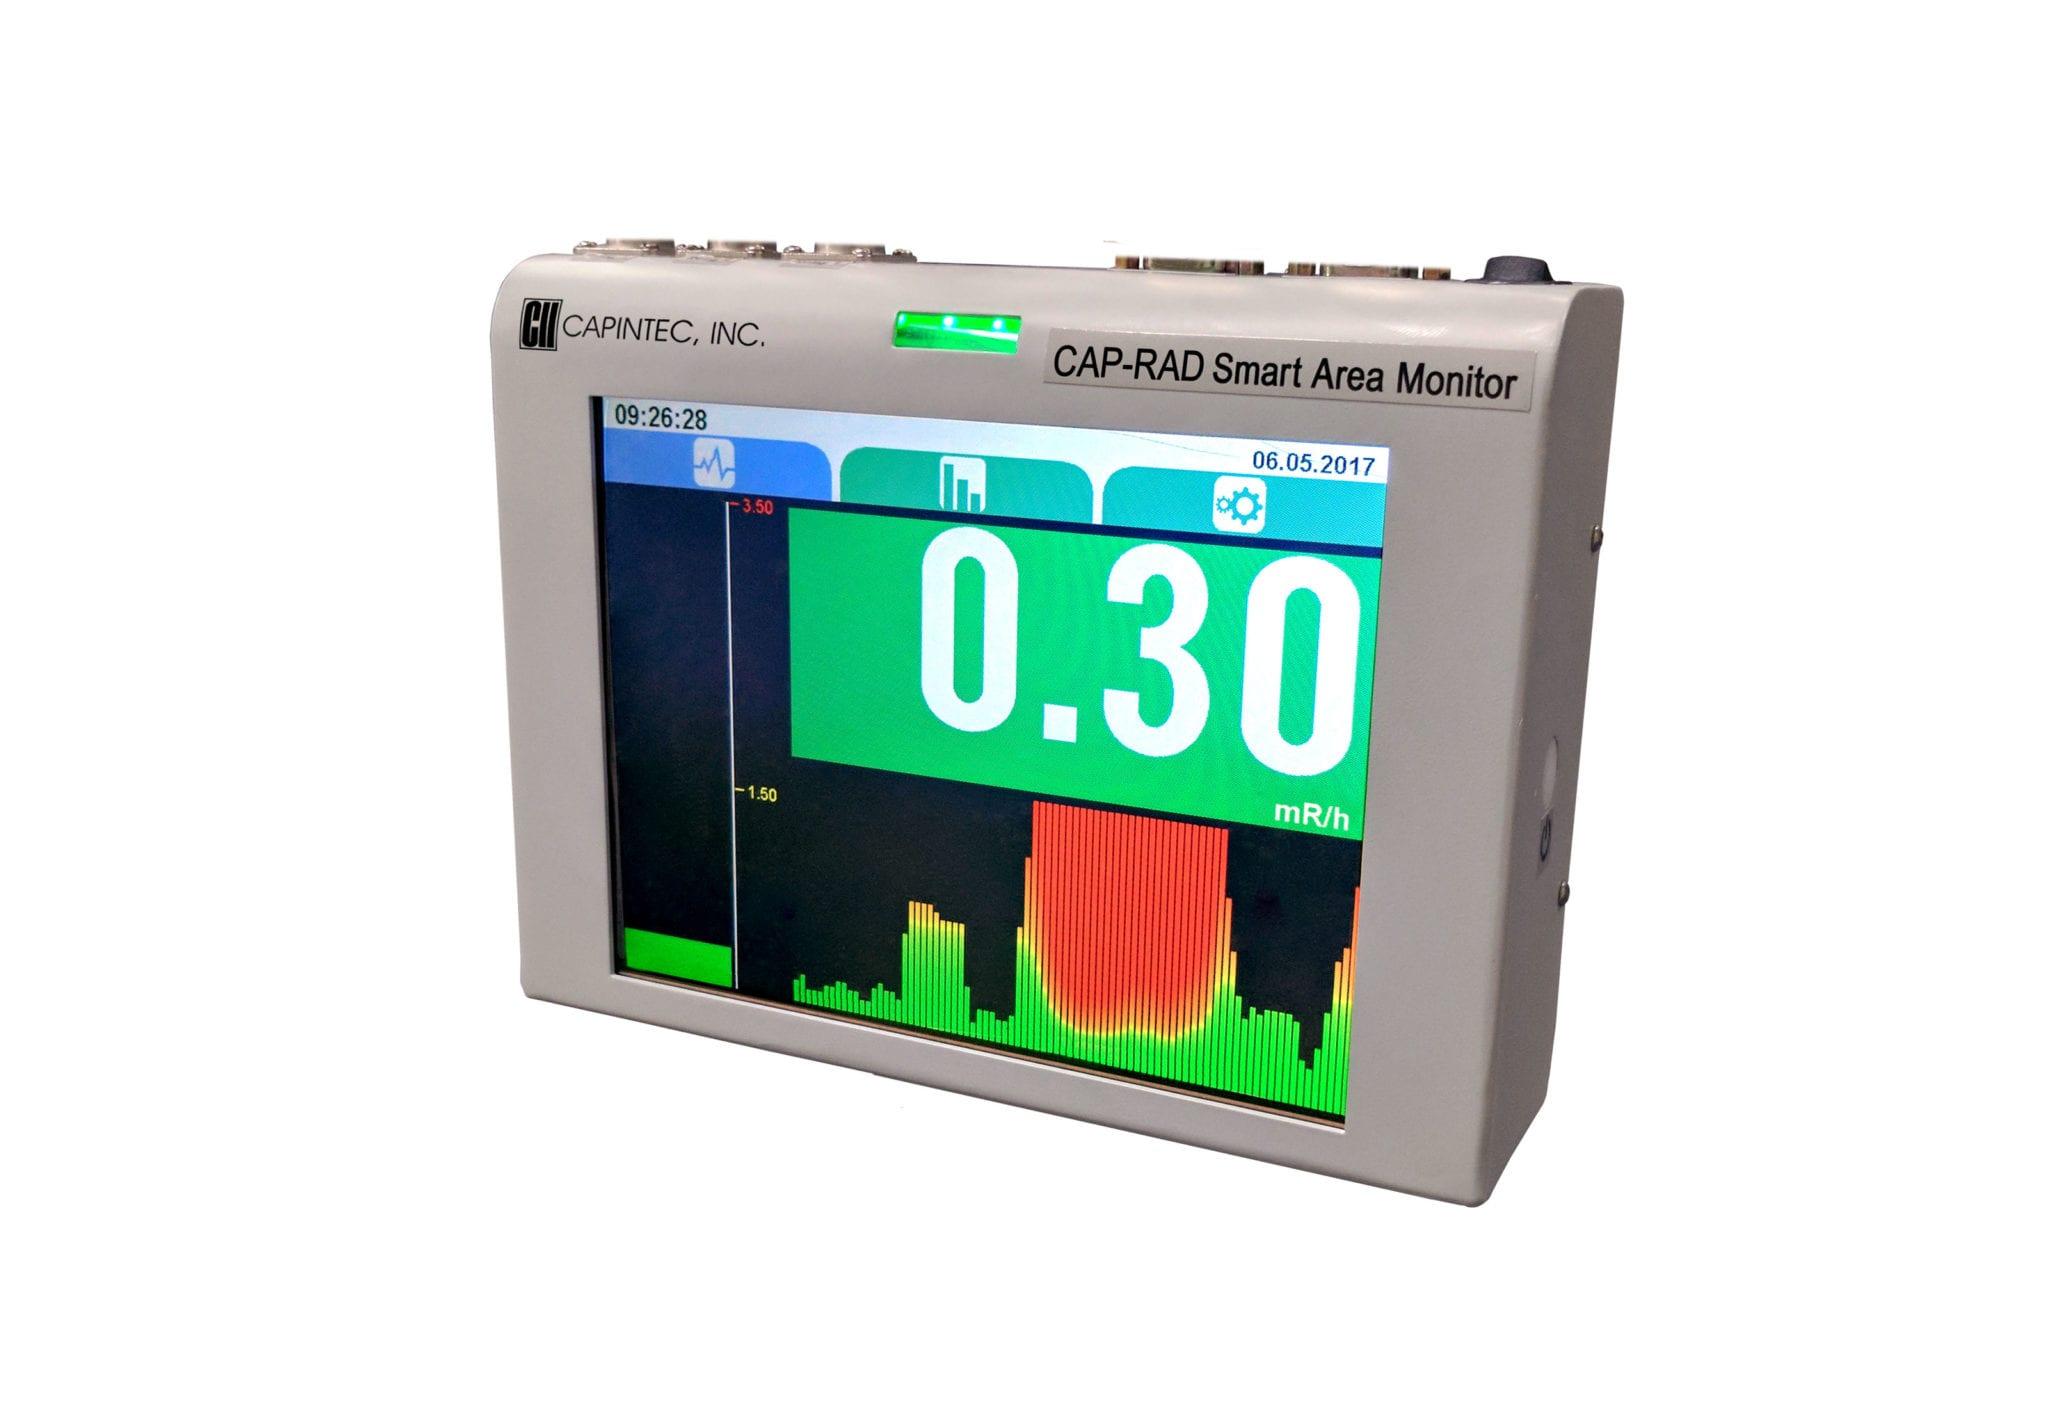 火狐体育APP下载CAPINTEC. INC CAP-RAD智能区域辐射监测仪